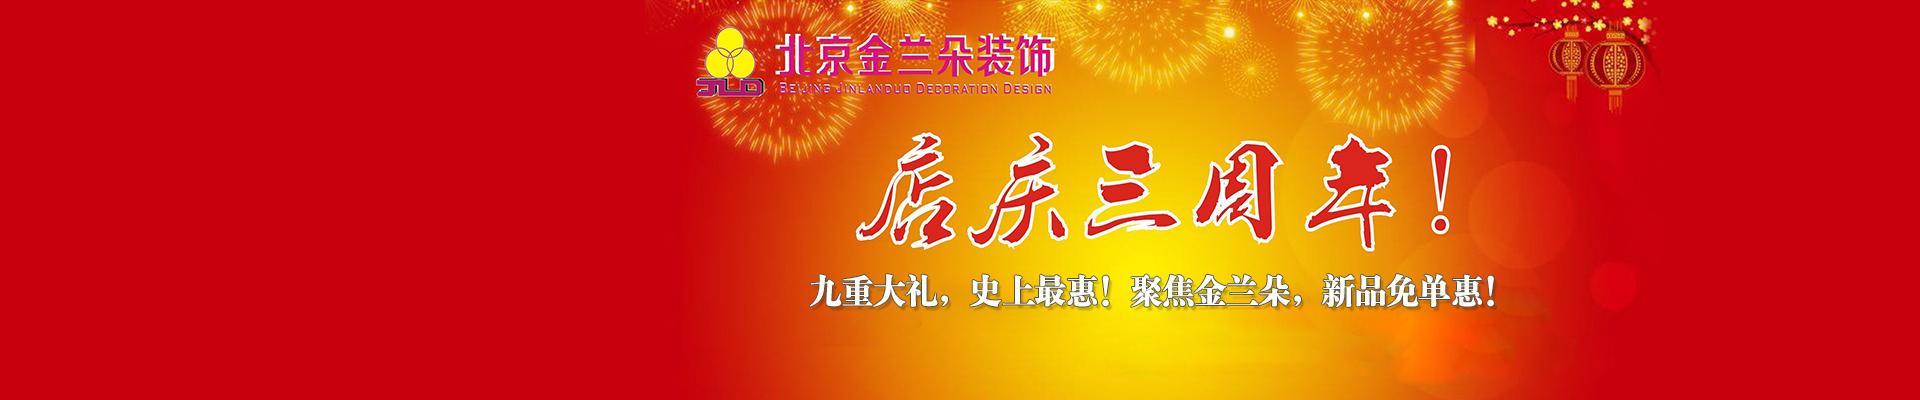 北京金兰朵装饰西安分公司